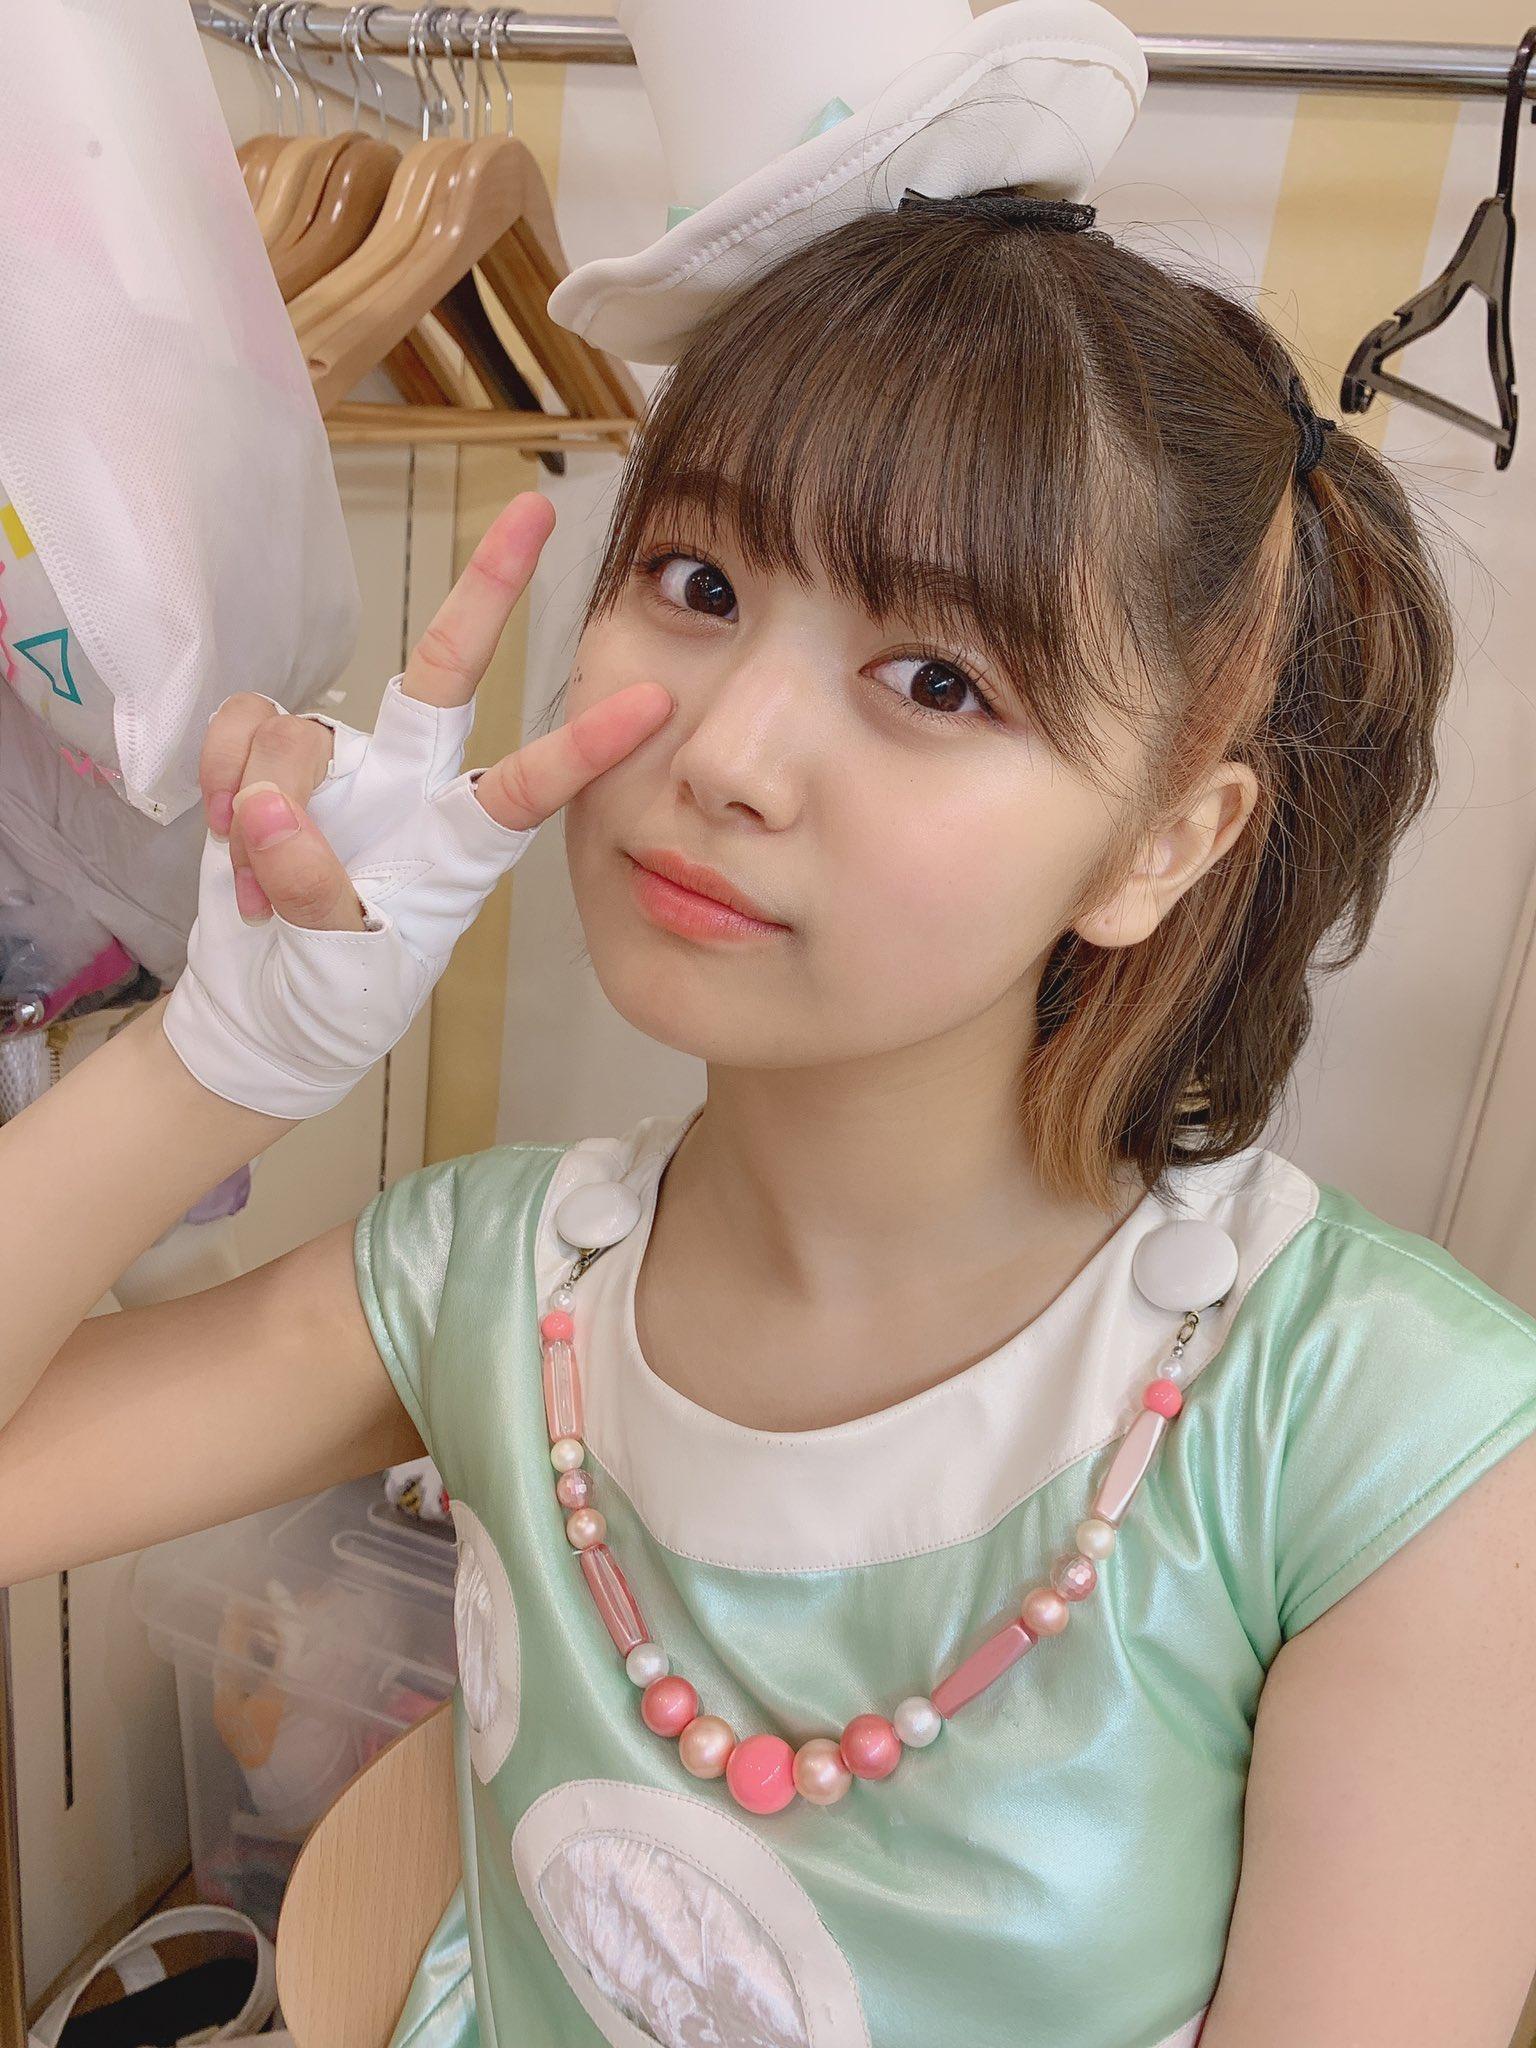 Media 2281383 by Kitano Ruka